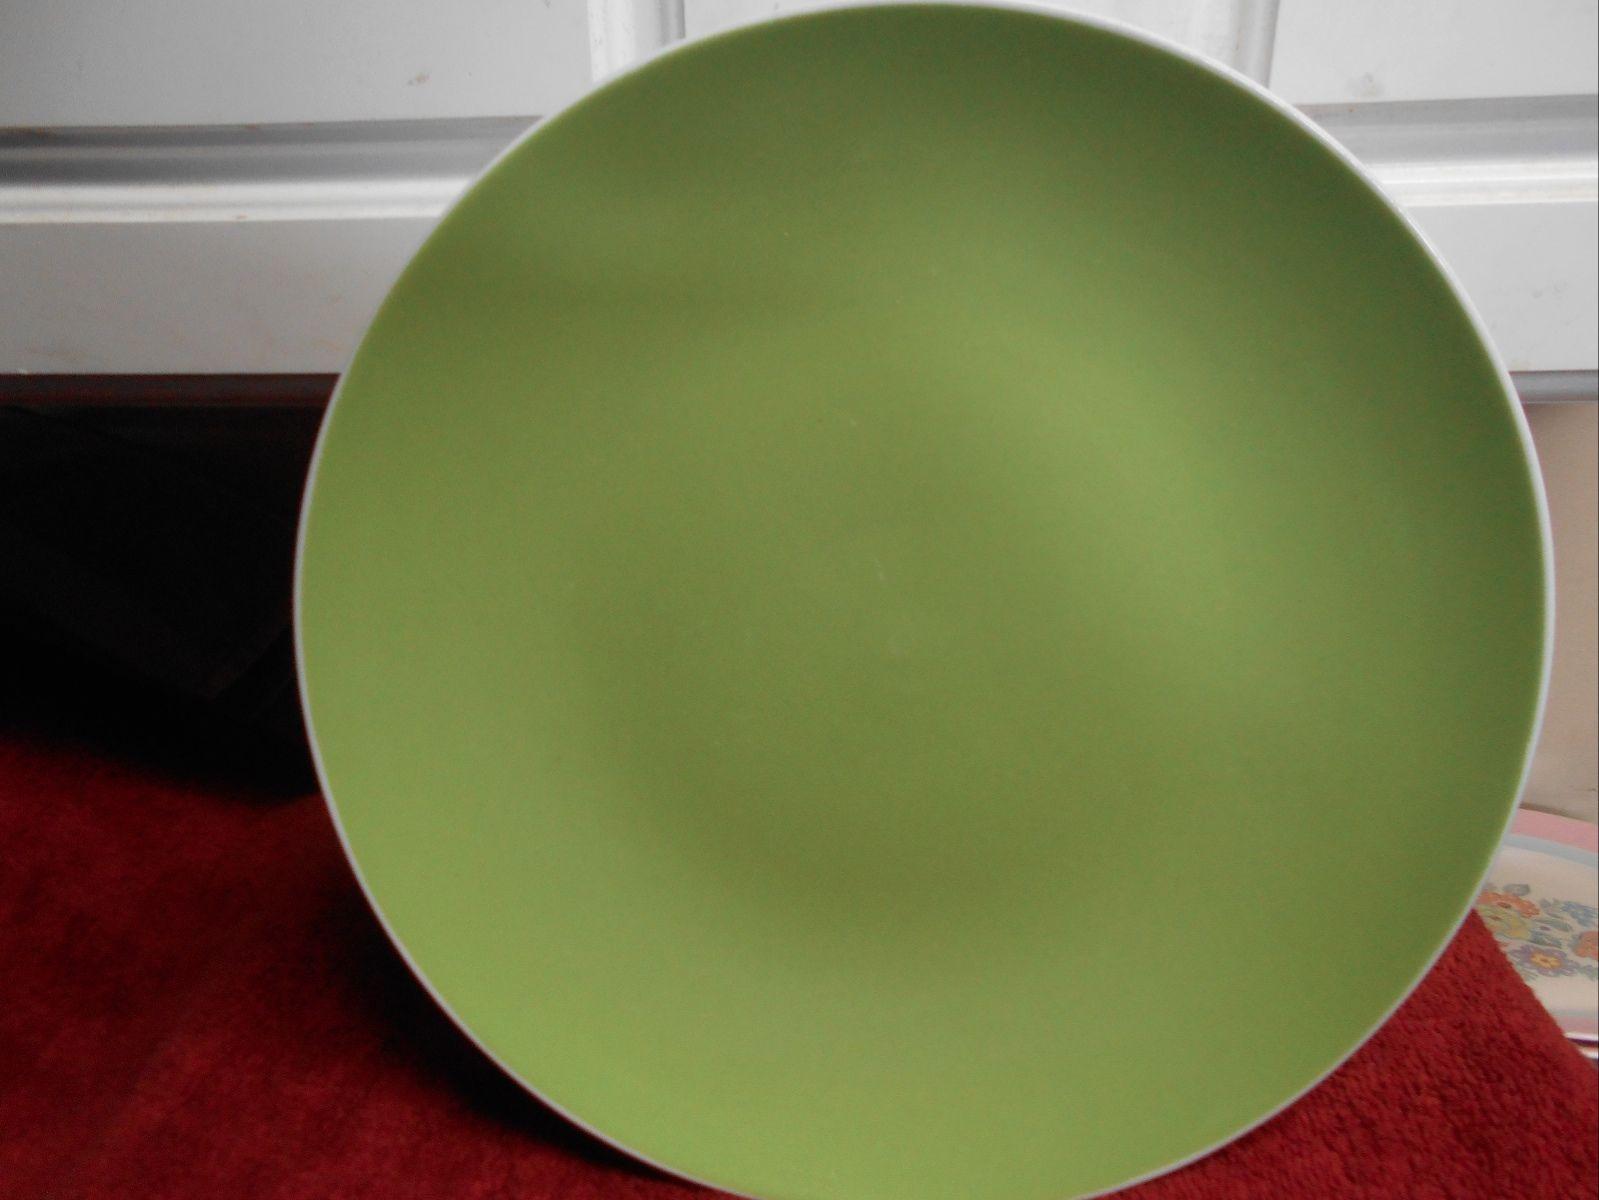 ISAAC MIZRAH DINNER PLATE TARGET GREEN WHITE 11  DIAM VGC LOVELY - $12.19 & Target Dinner Plate: 3 listings